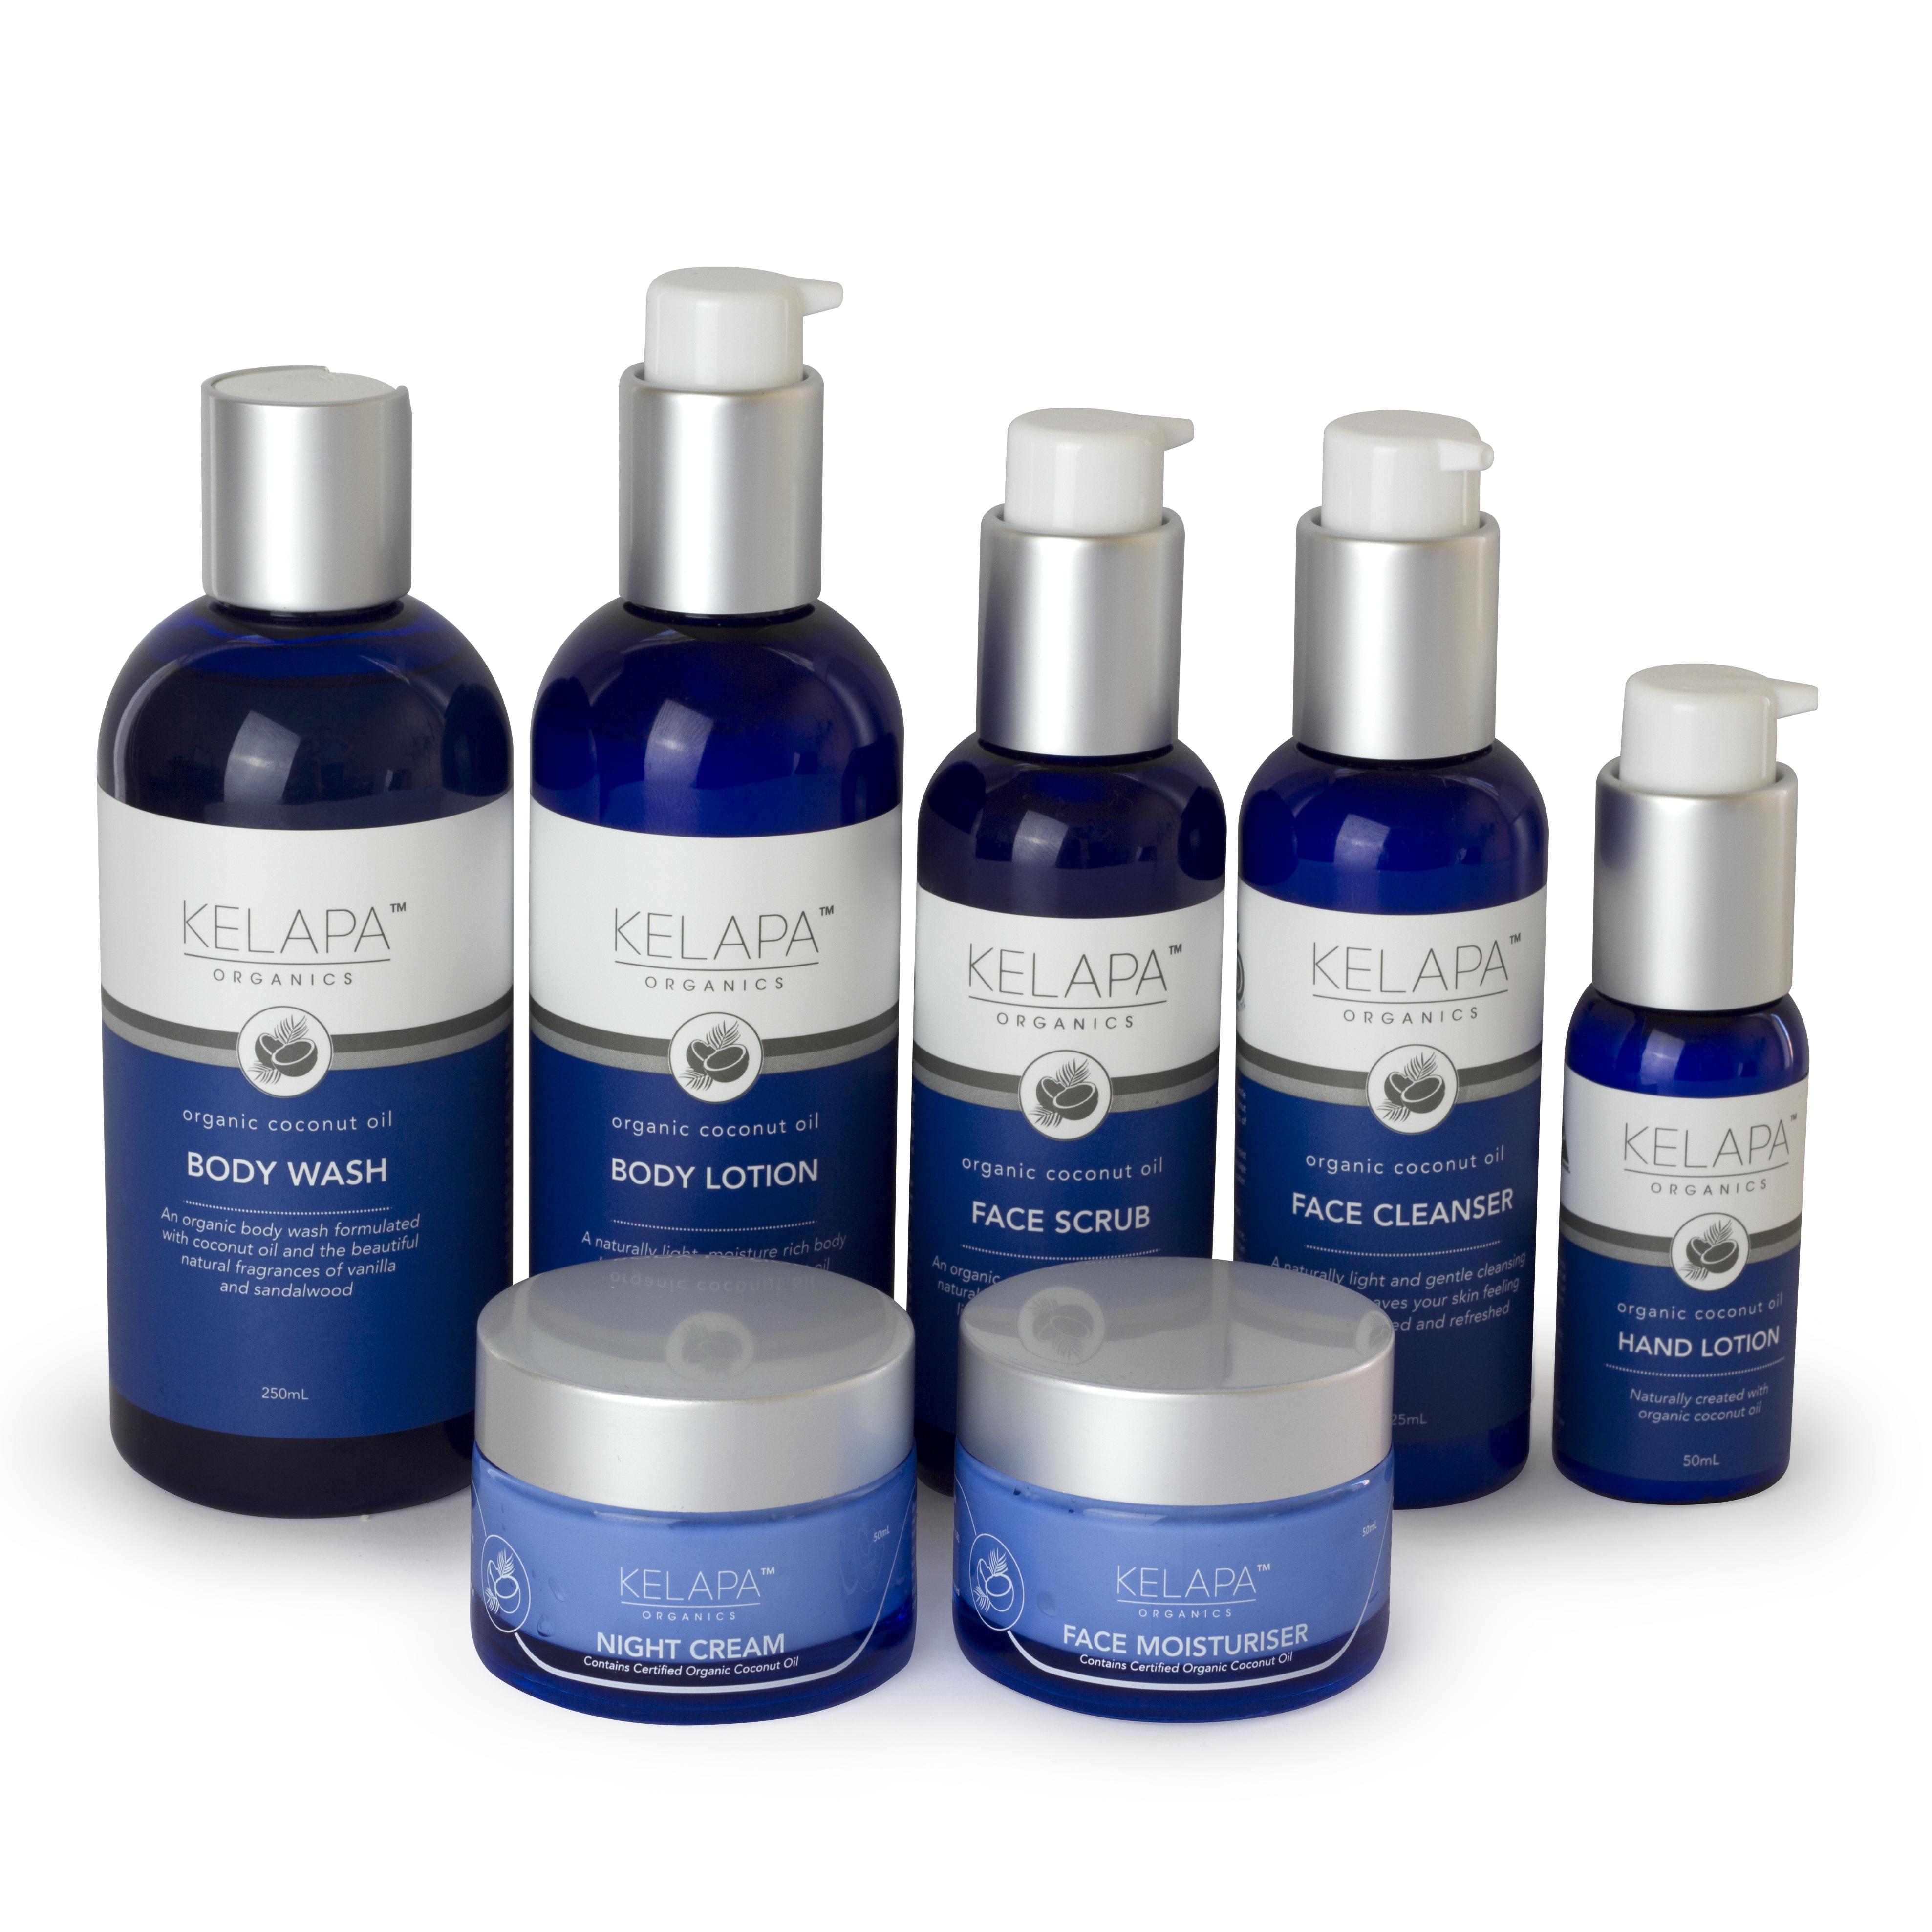 Kelapa_Organics_Skincare